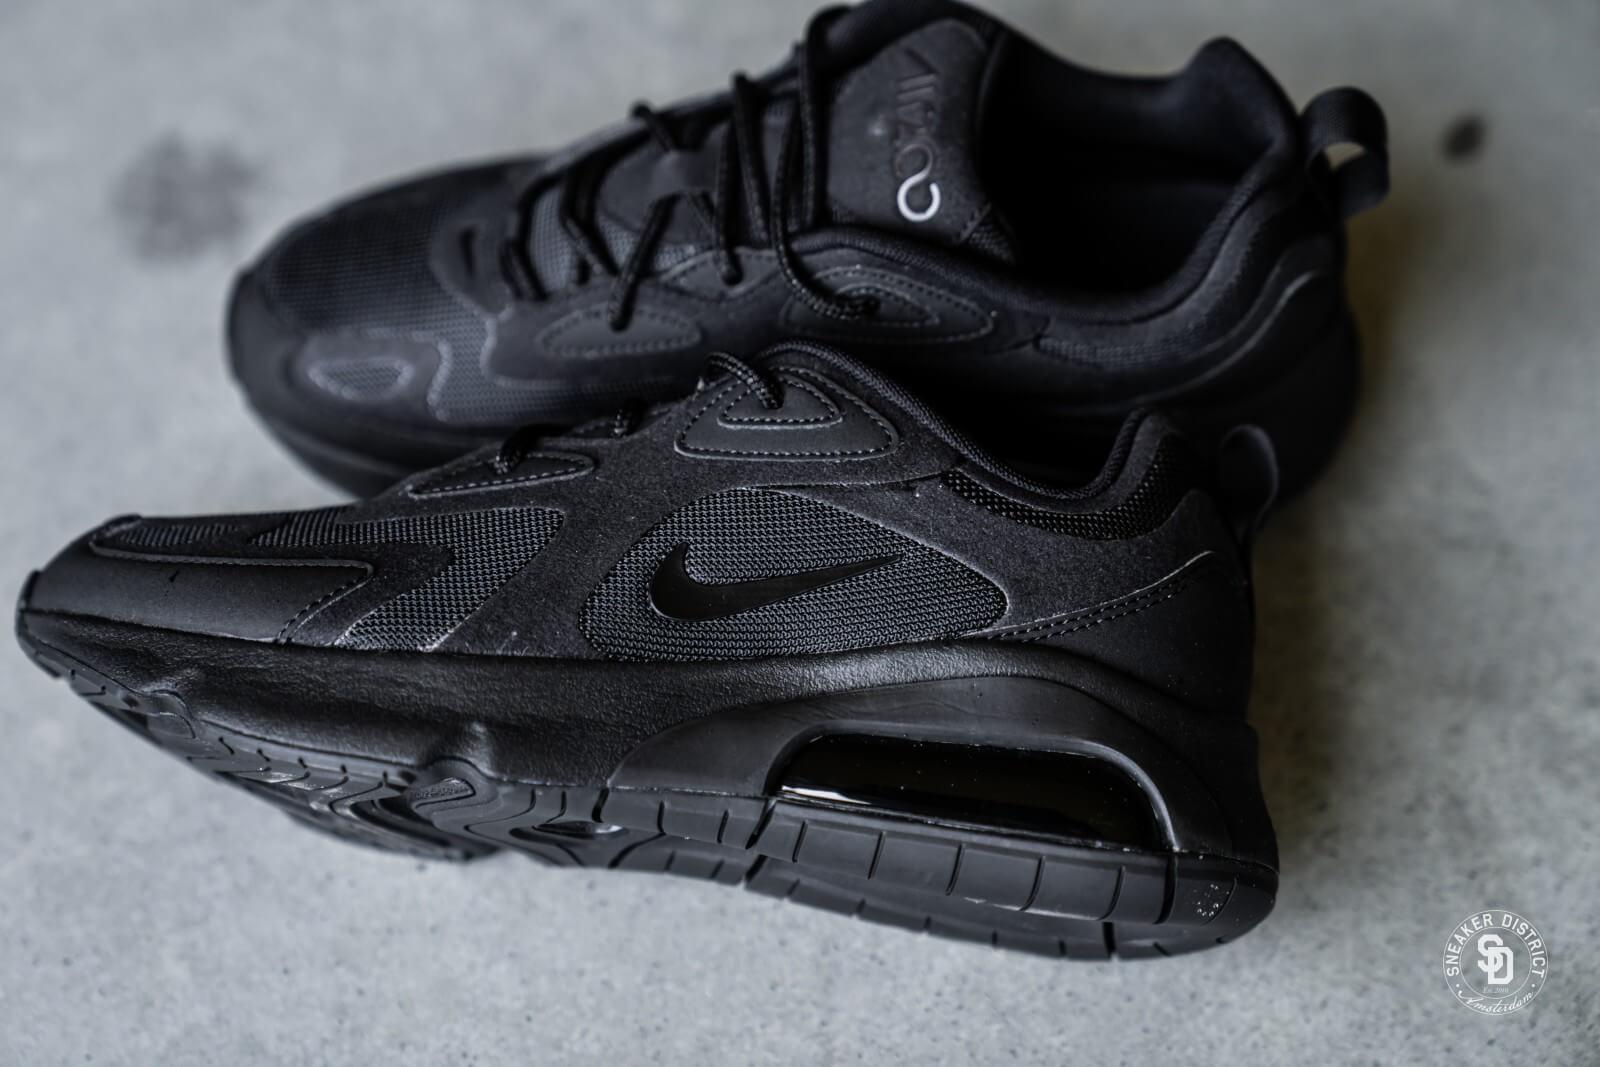 Nike Air Max 200 Black - AQ2568-003